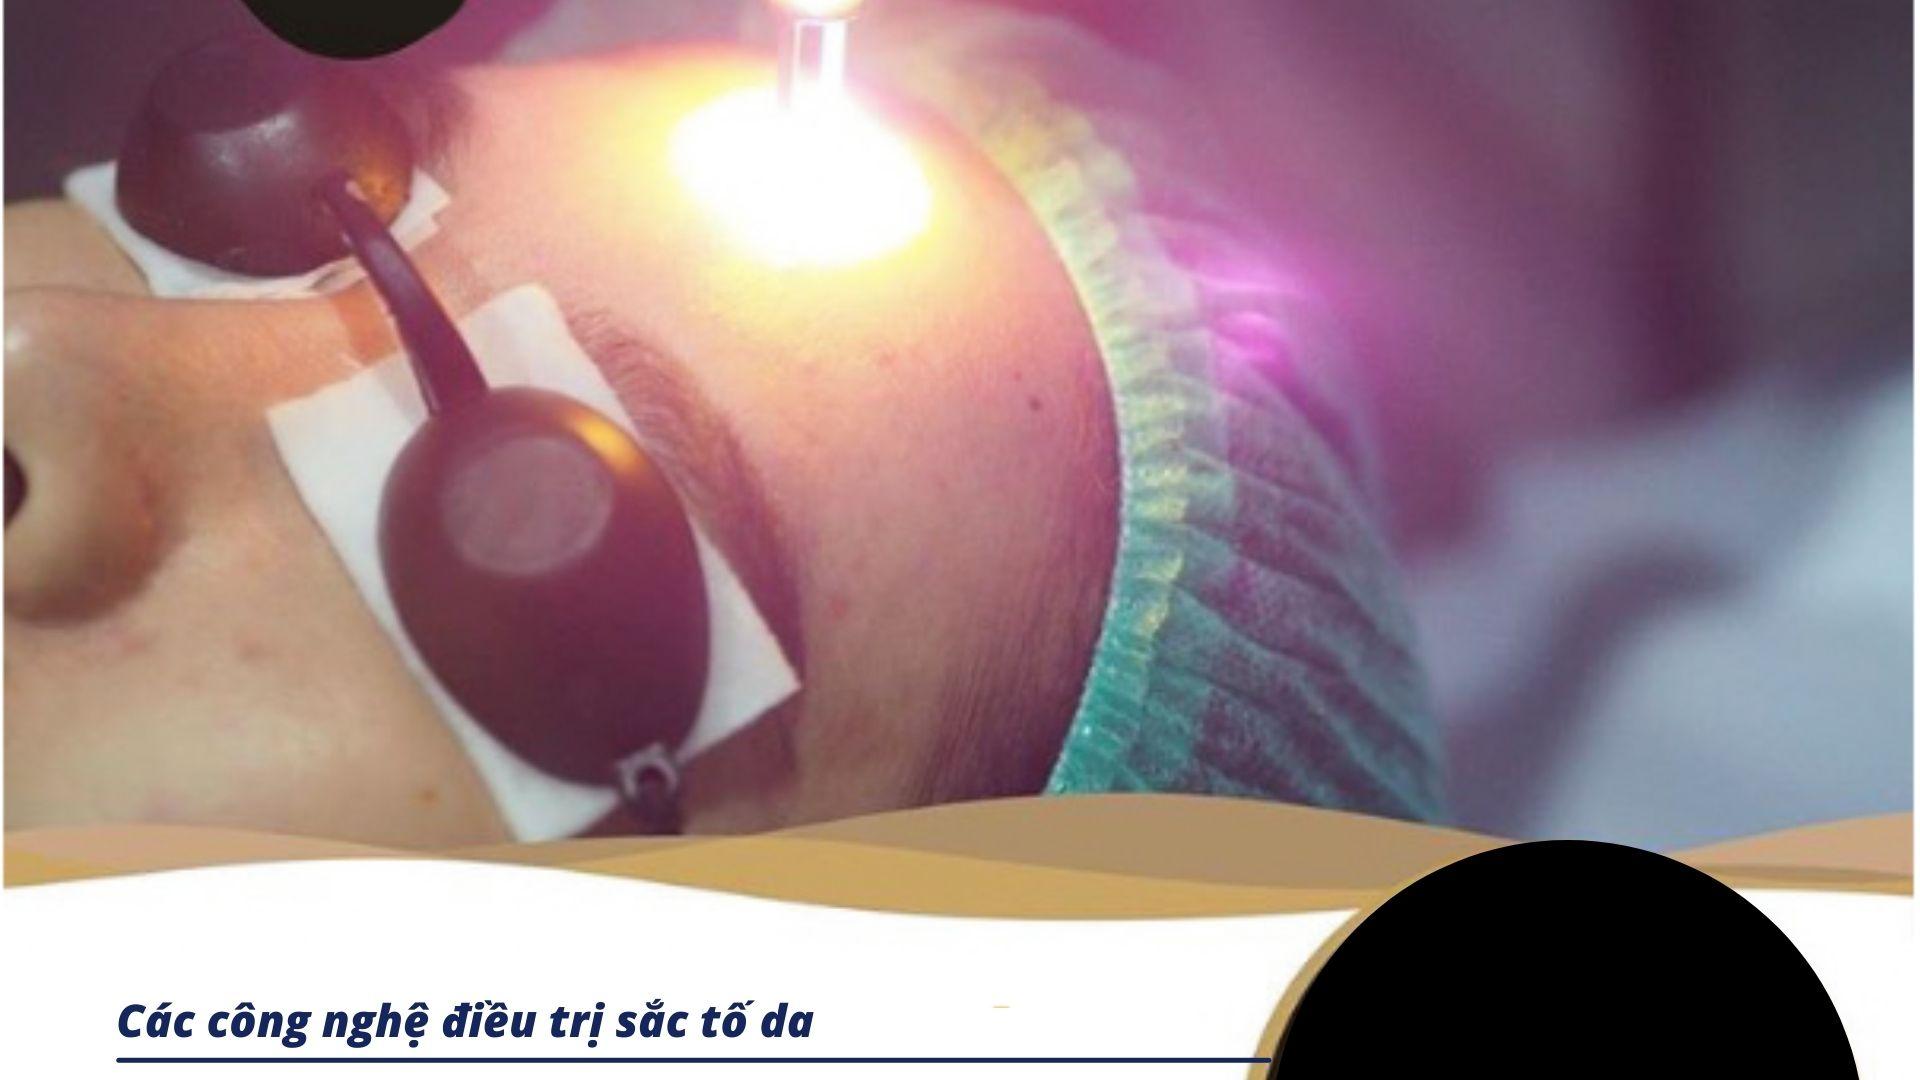 Các công nghệ laser điều trị sắc tố